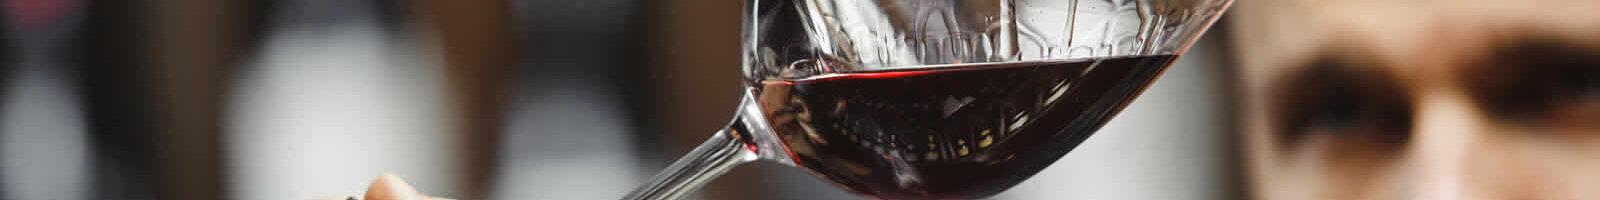 L'esame visivo del vino 2/3